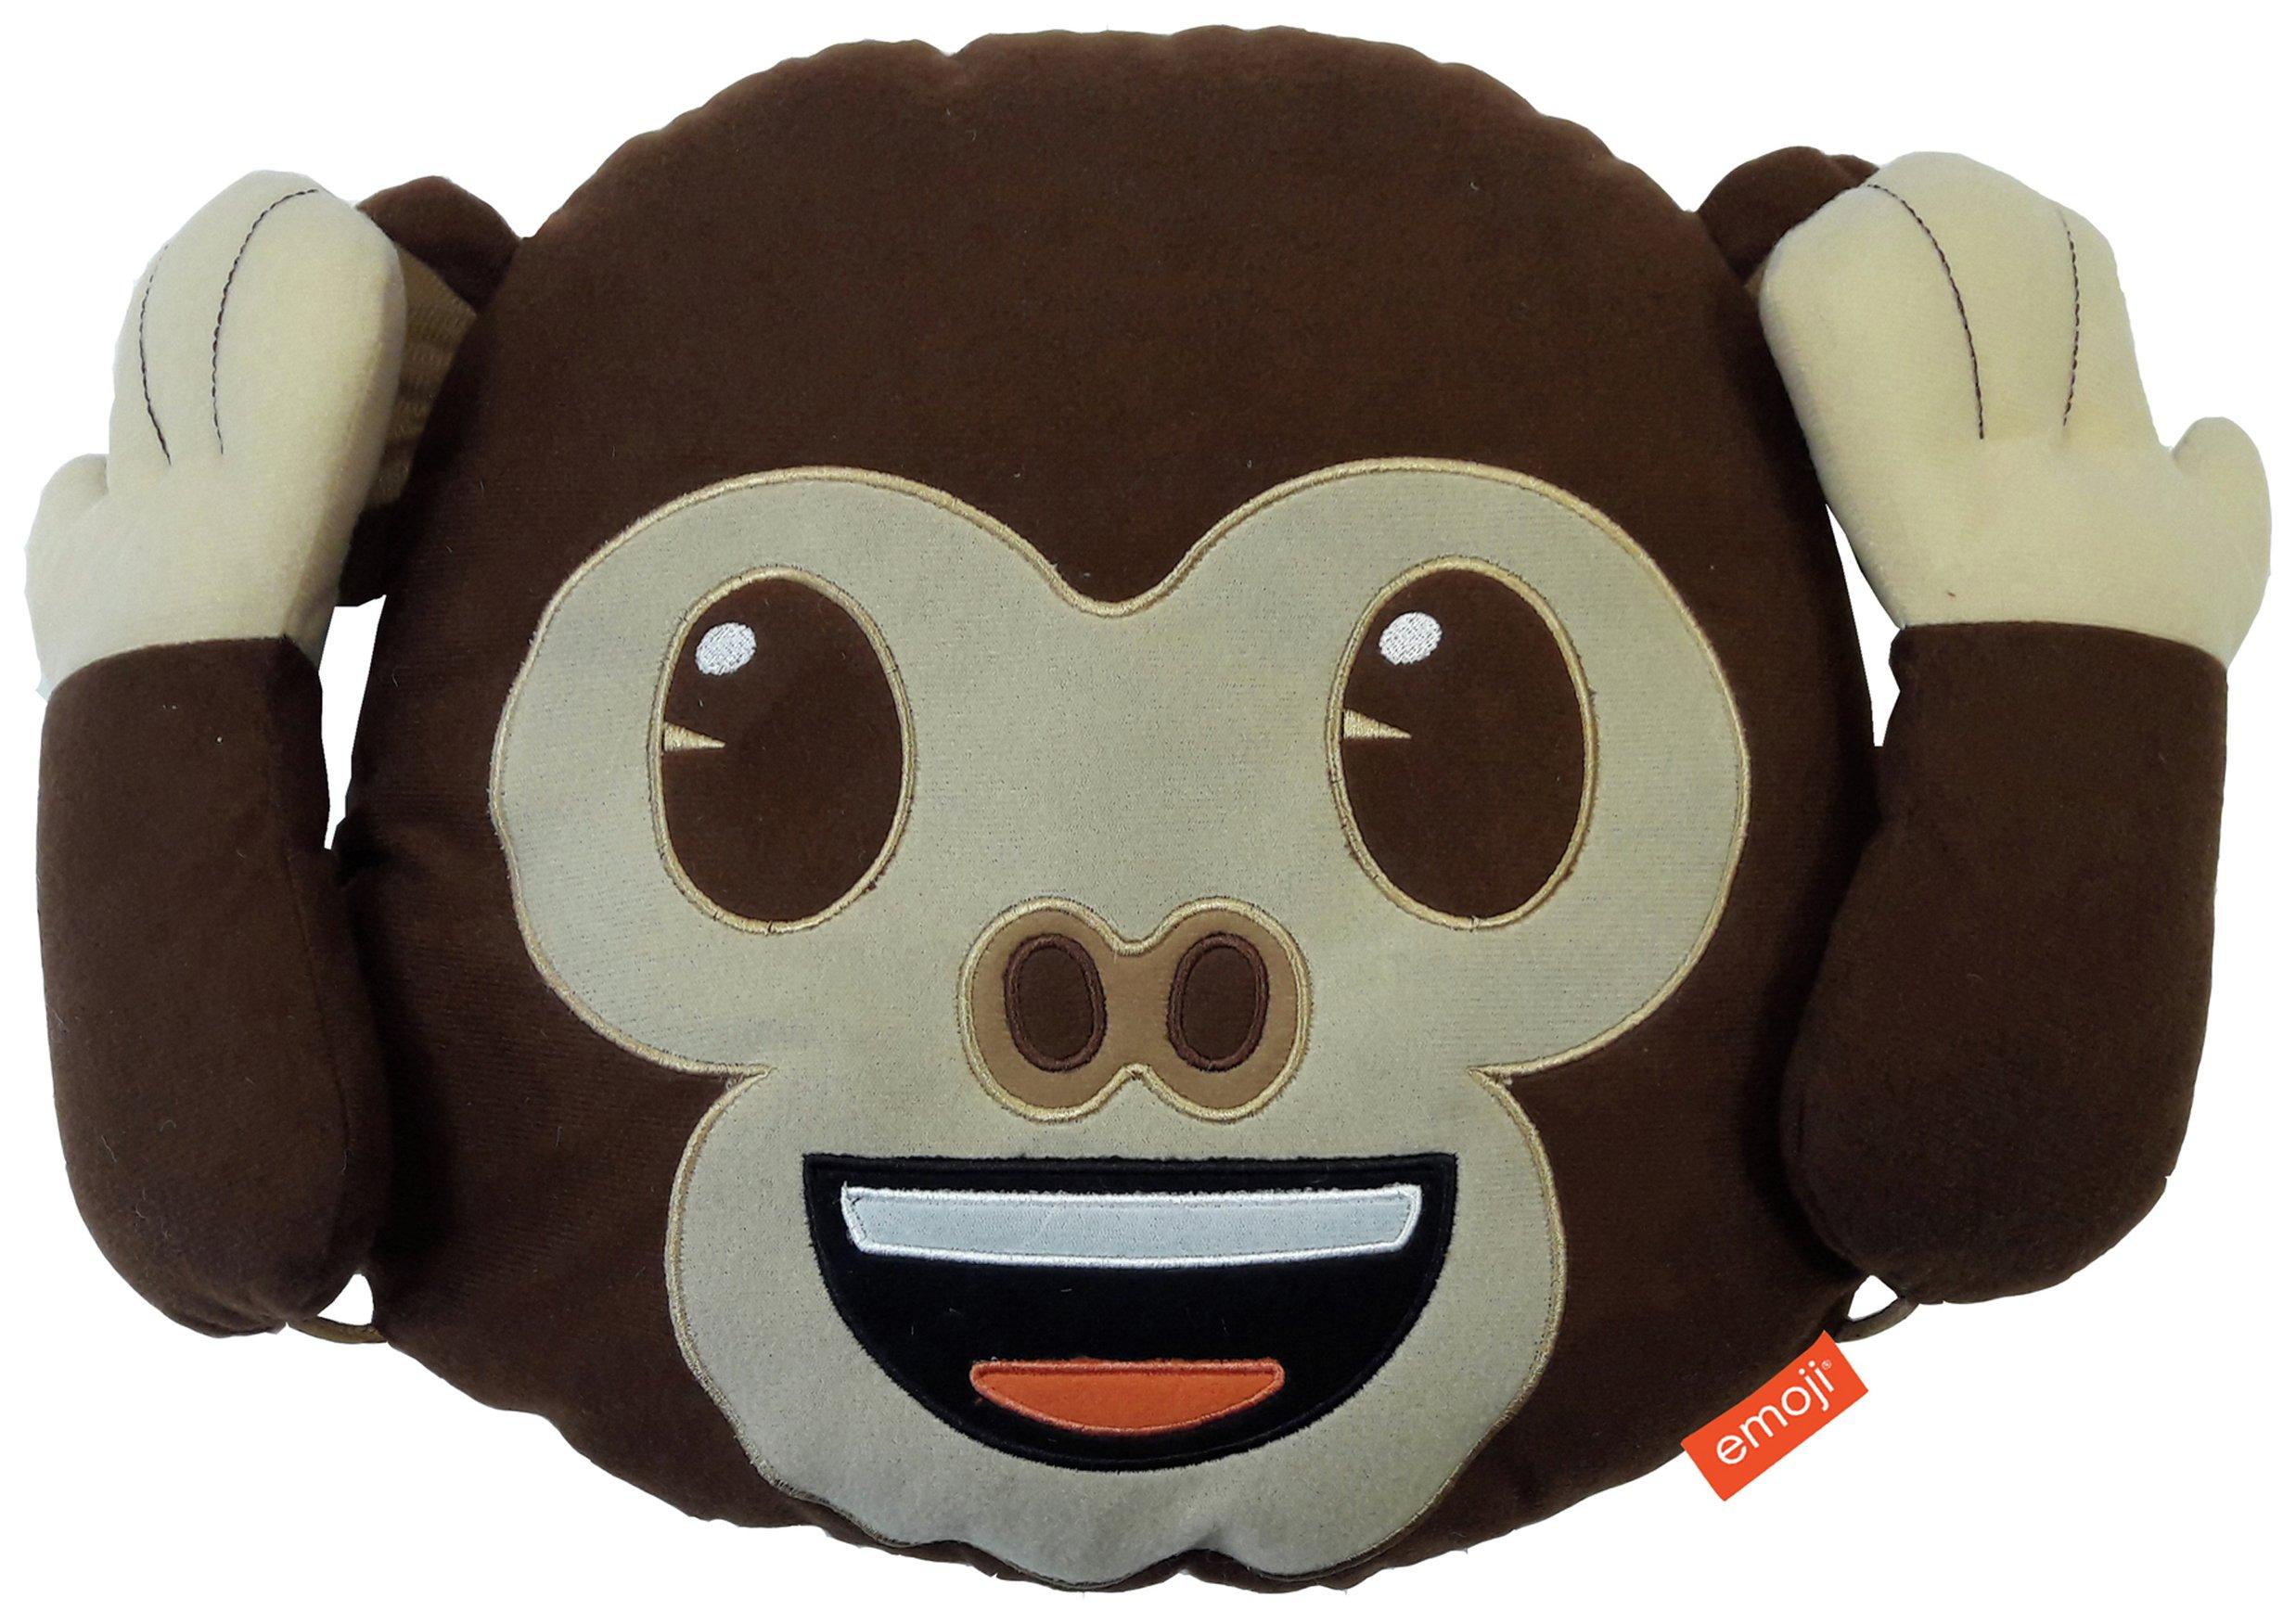 Image of Emoji Monkey Poseable Cushion